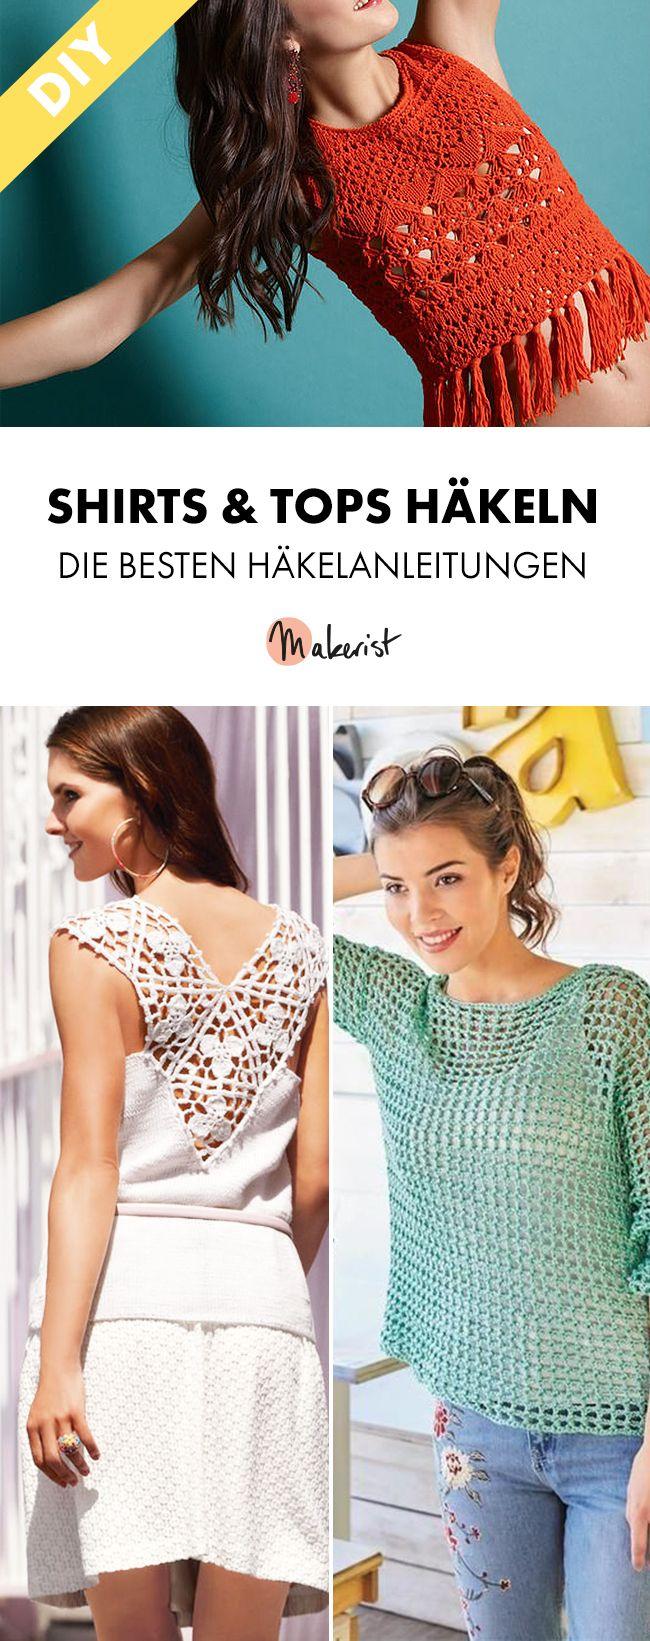 Shirts und Tops häkeln im Sommer für Festival und Strand ...